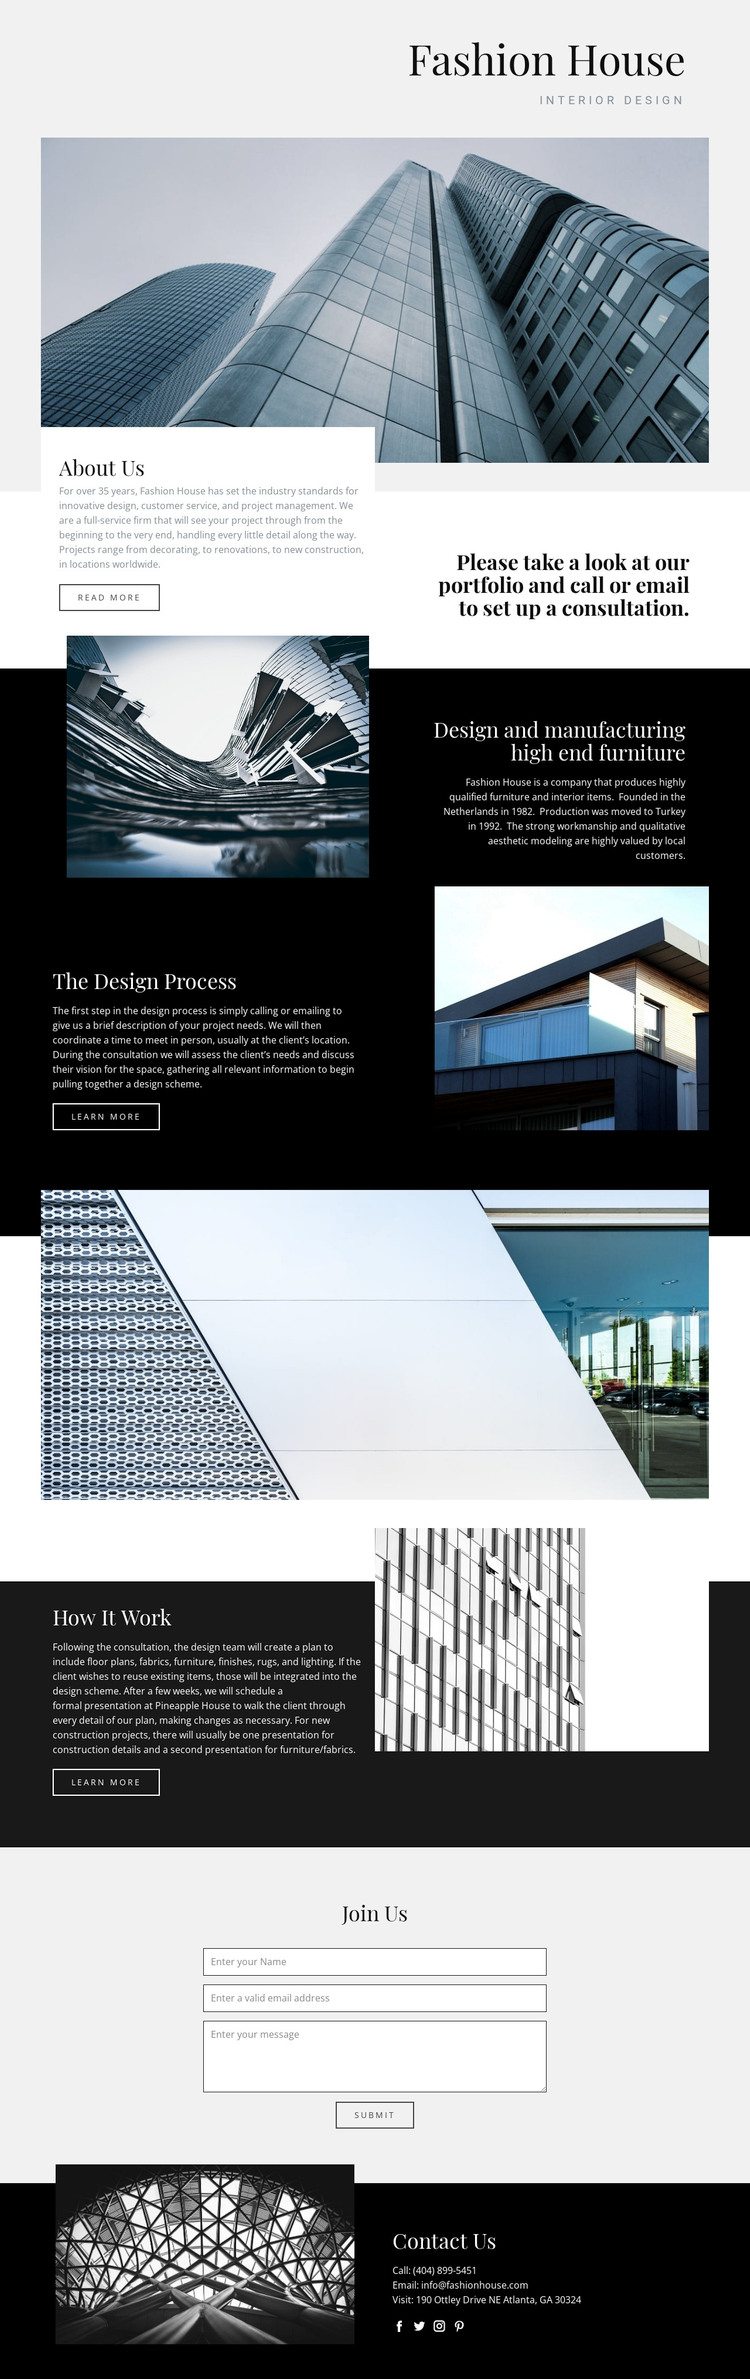 Fashion House Woocommerce Theme